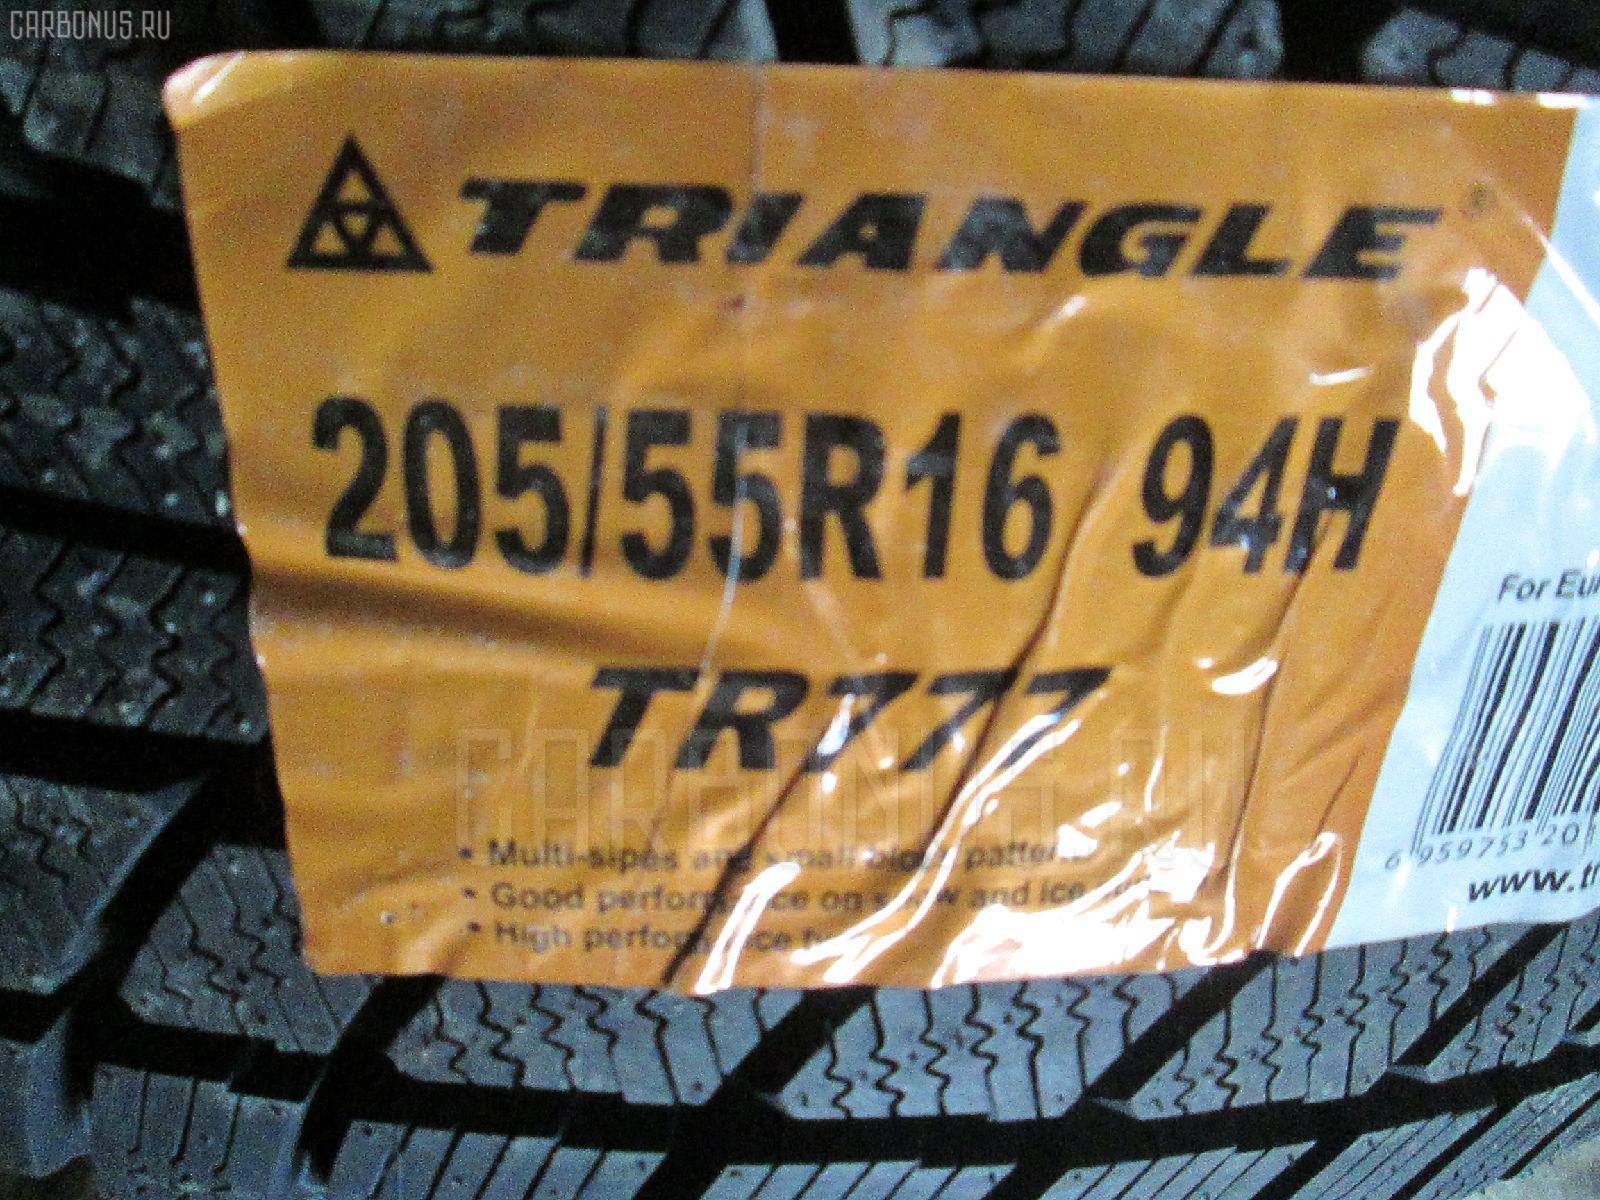 Автошина легковая зимняя TR777 205/55R16. Фото 4